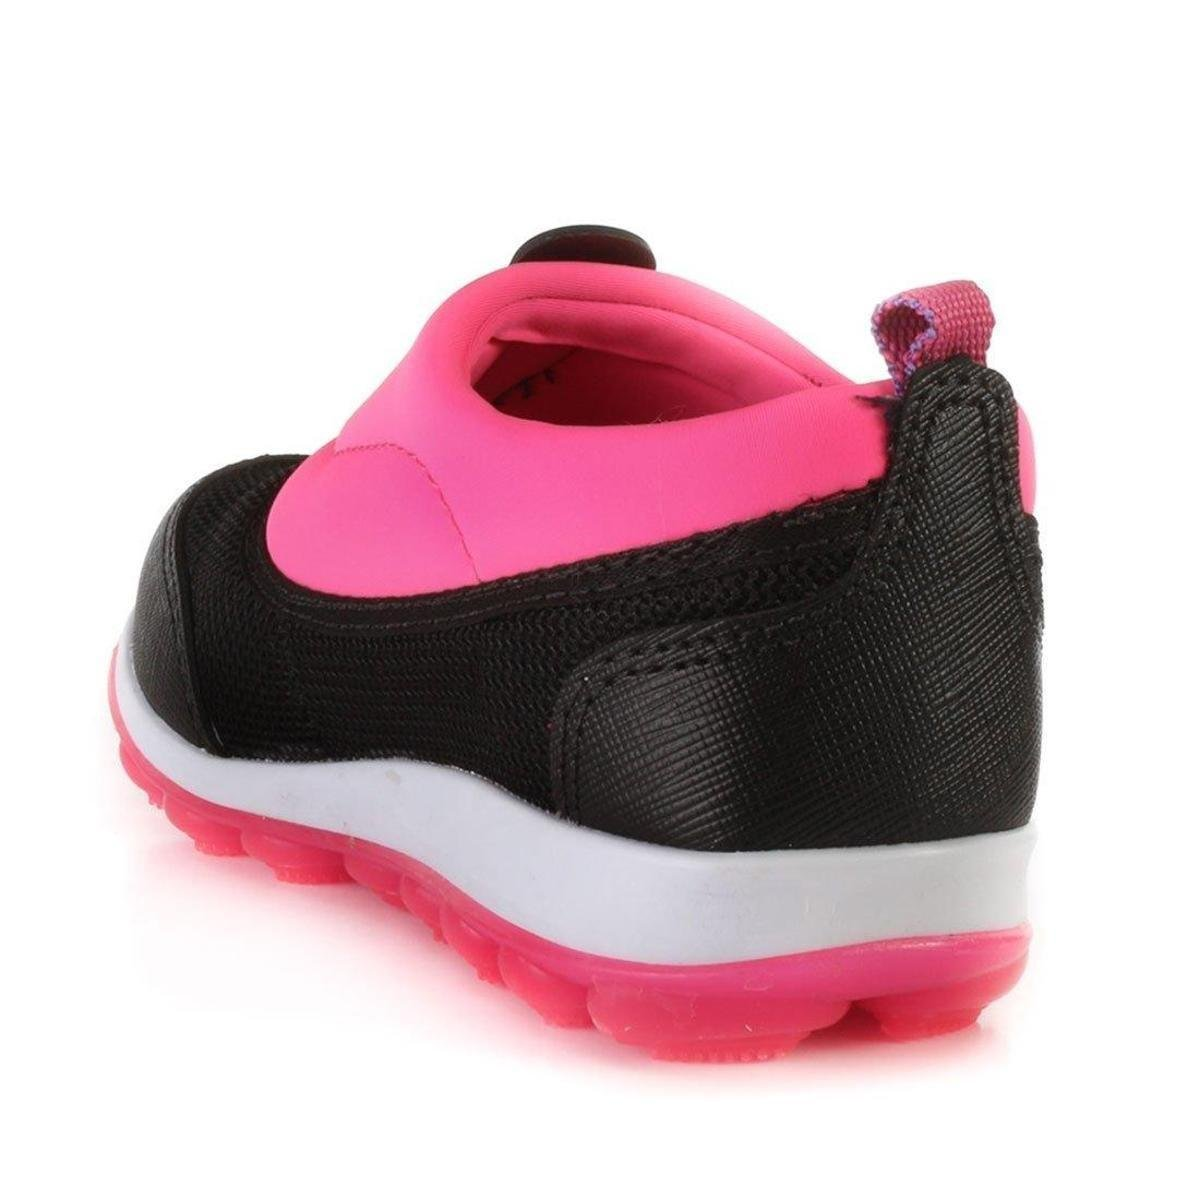 Juvenil Preto Tênis 685 Juvenil Tênis Botinho Pink e Botinho qxP4z1Cnw